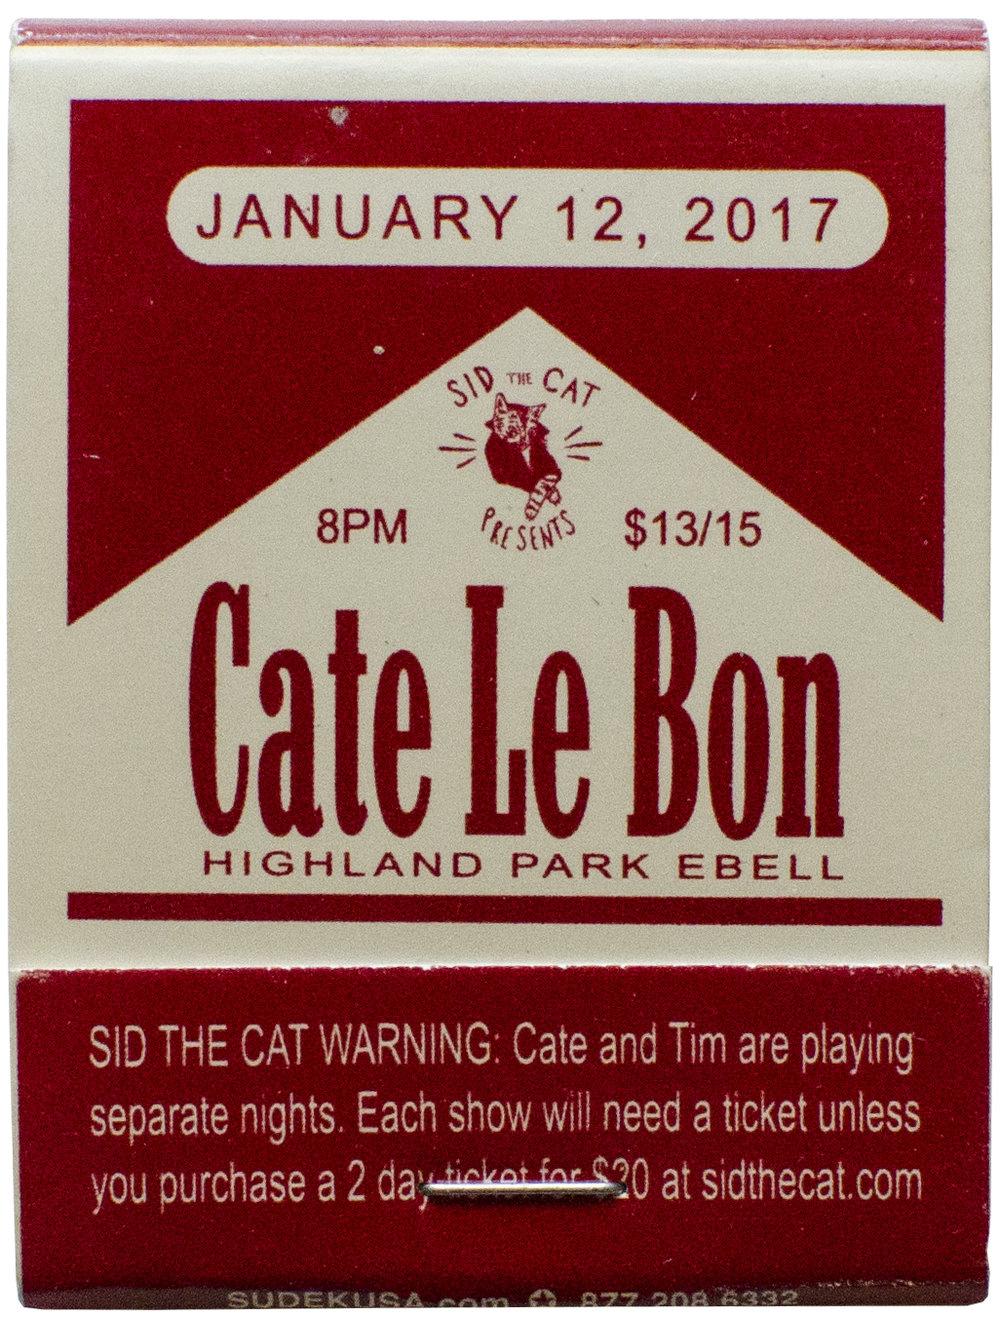 2017-1-13 Cate Le Bon.jpg